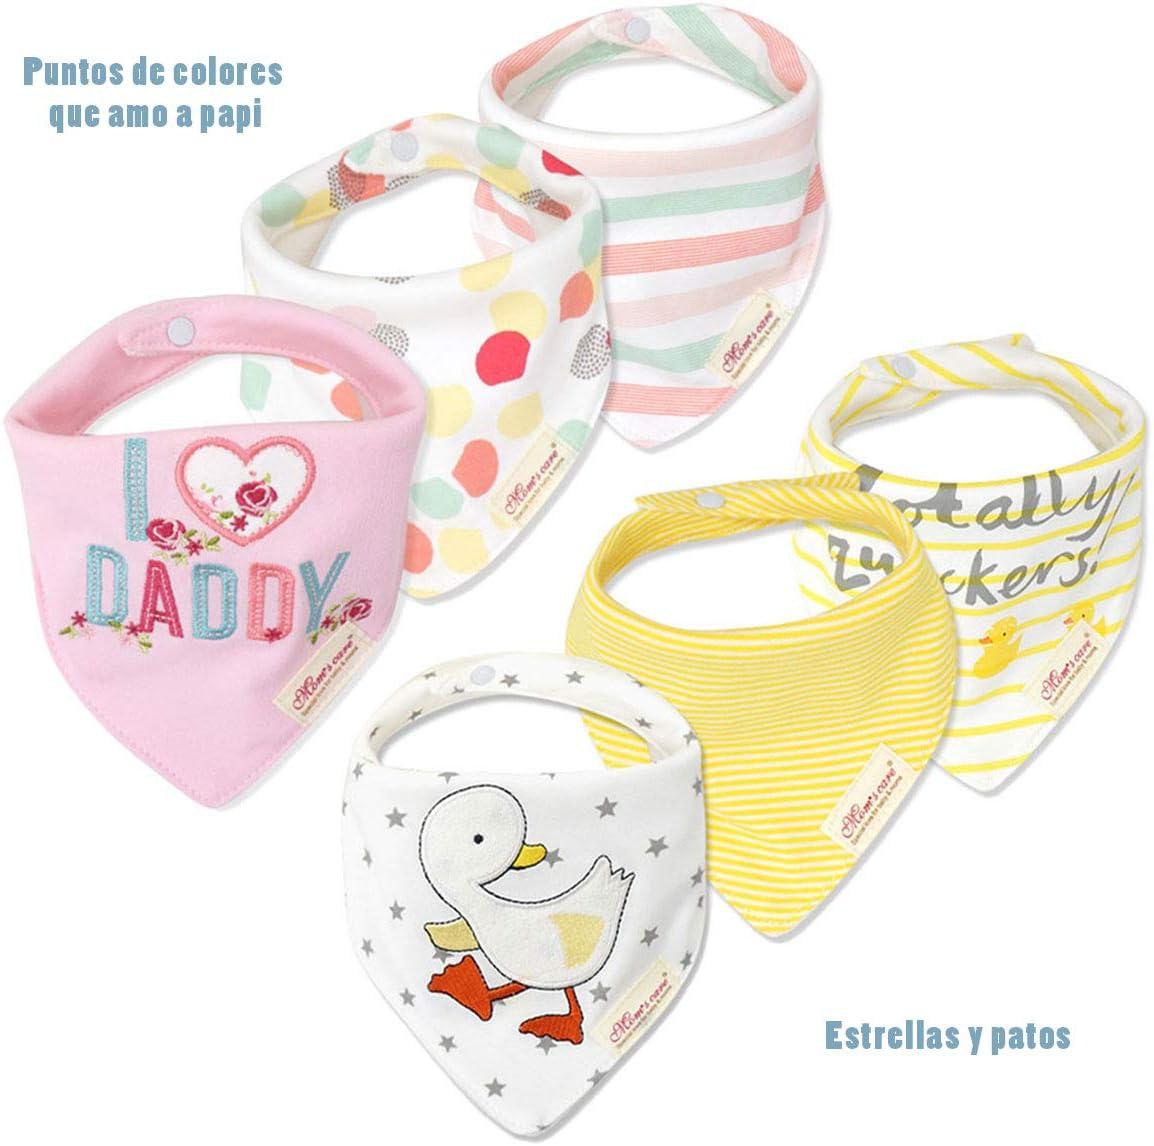 Baby Bandana Drool Bibs Soft and Super Absorbent Baby Impermeable para la dentición Baberos para bebés y niños recién nacidos Regalos para bebés Paquete de 6 girl2